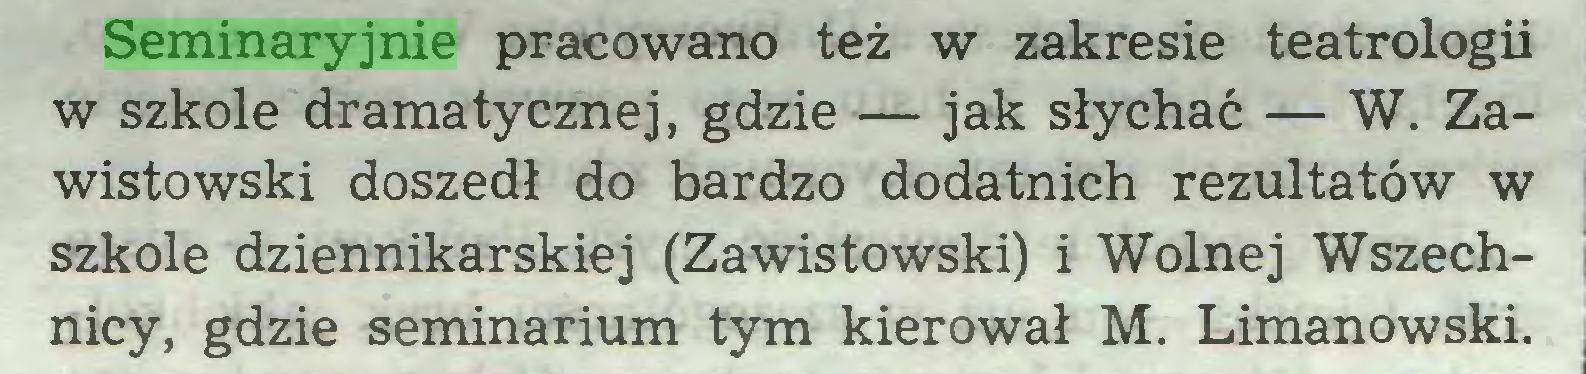 (...) Seminaryjnie pracowano też w zakresie teatrologii w szkole dramatycznej, gdzie— jak słychać — W. Zawistowski doszedł do bardzo dodatnich rezultatów w szkole dziennikarskiej (Zawistowski) i Wolnej Wszechnicy, gdzie seminarium tym kierował M. Limanowski...